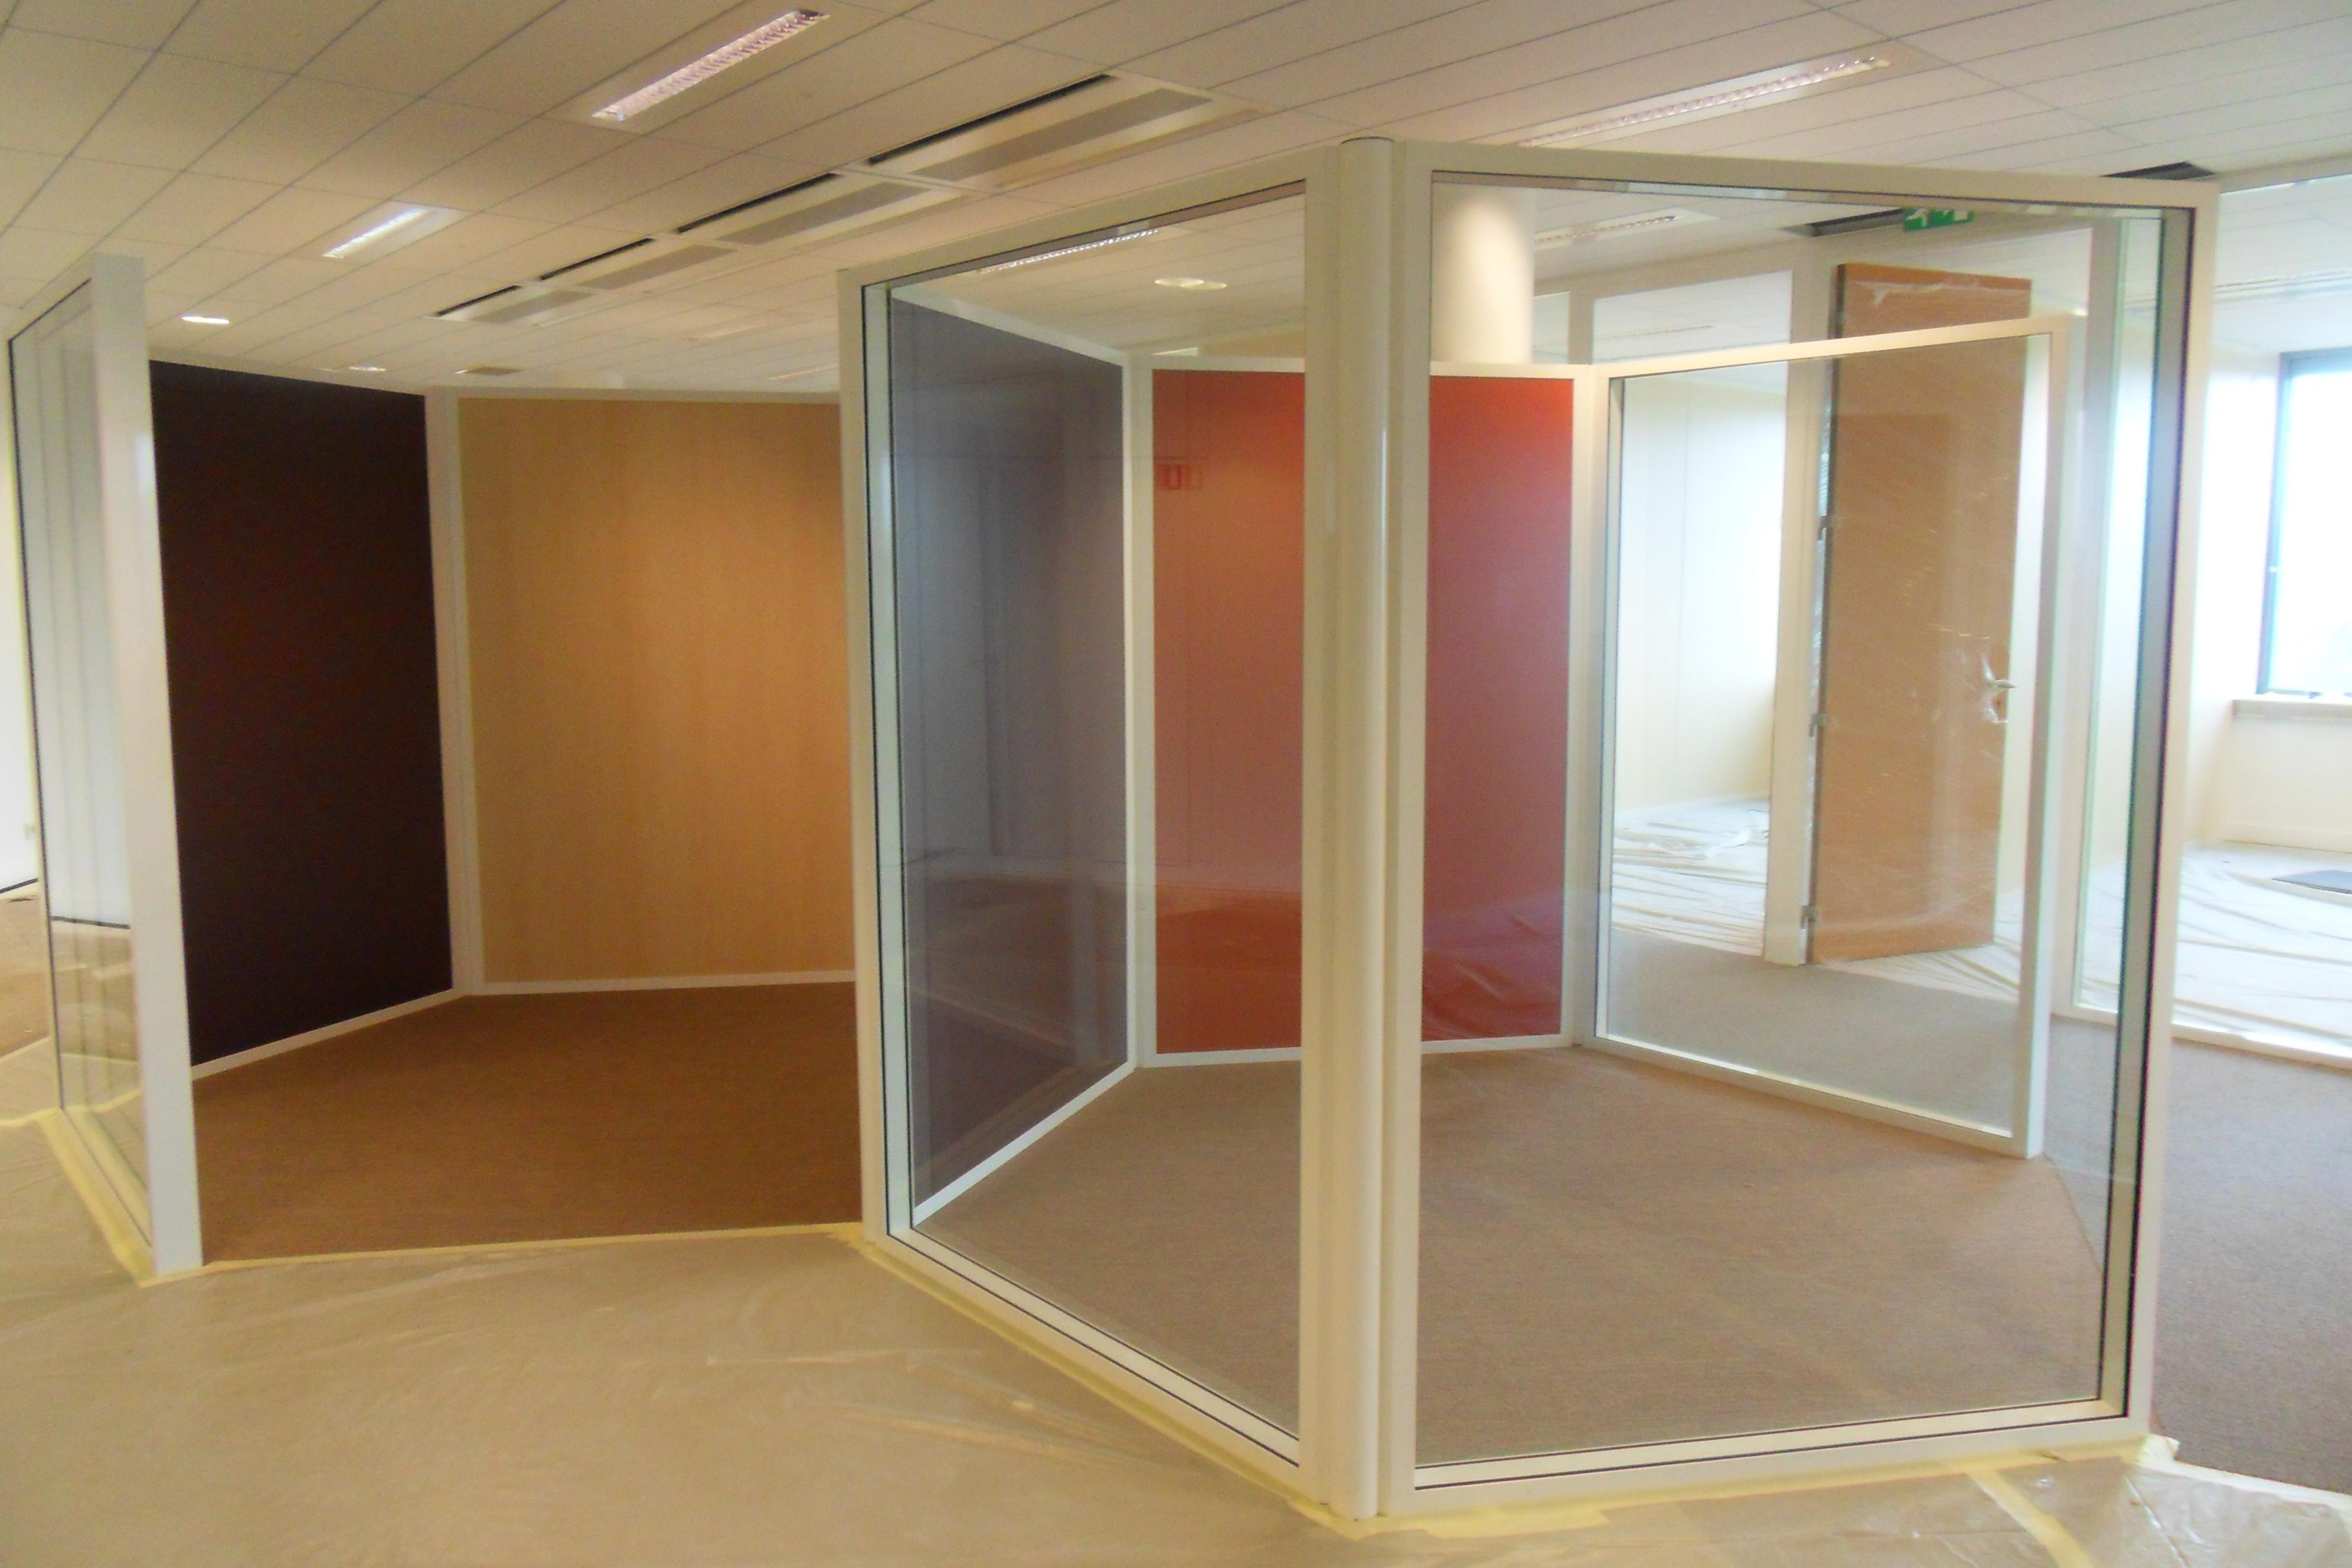 r alisations vitr e porte pleine espace cloisons alu ile de france agencement et am. Black Bedroom Furniture Sets. Home Design Ideas